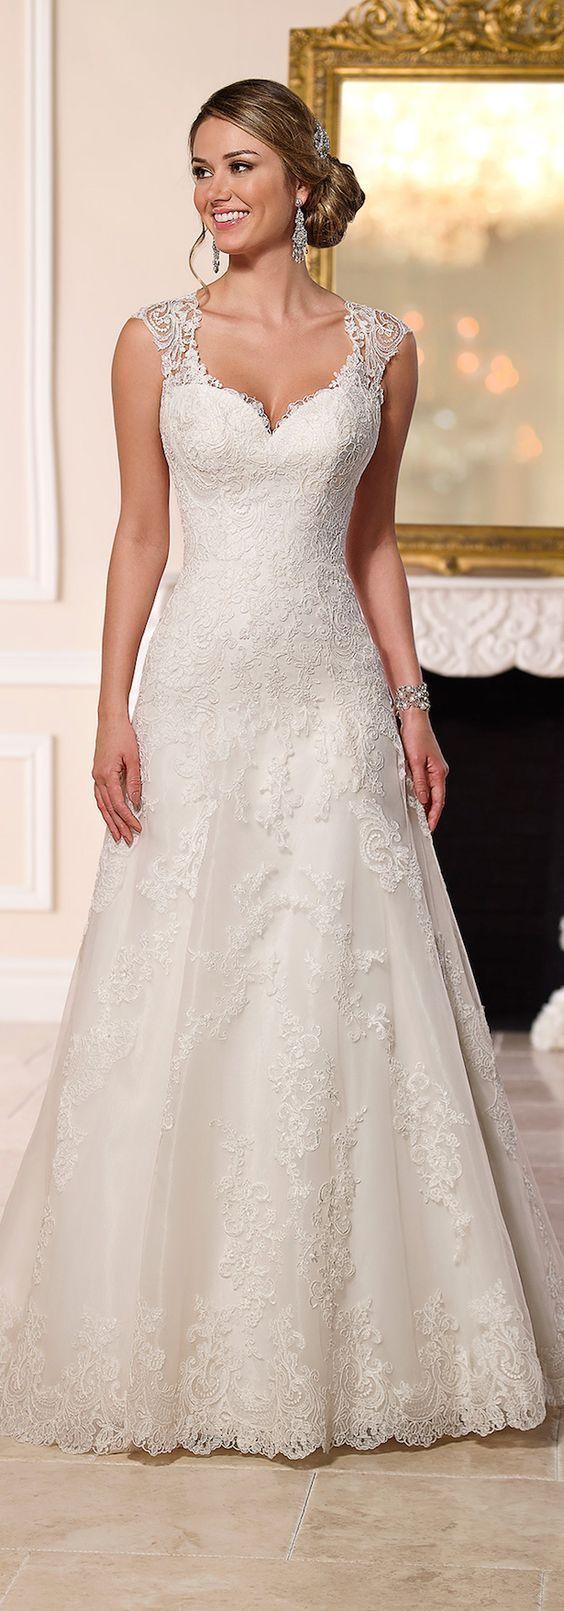 12 besten Hochzeitskleid Bilder auf Pinterest ...